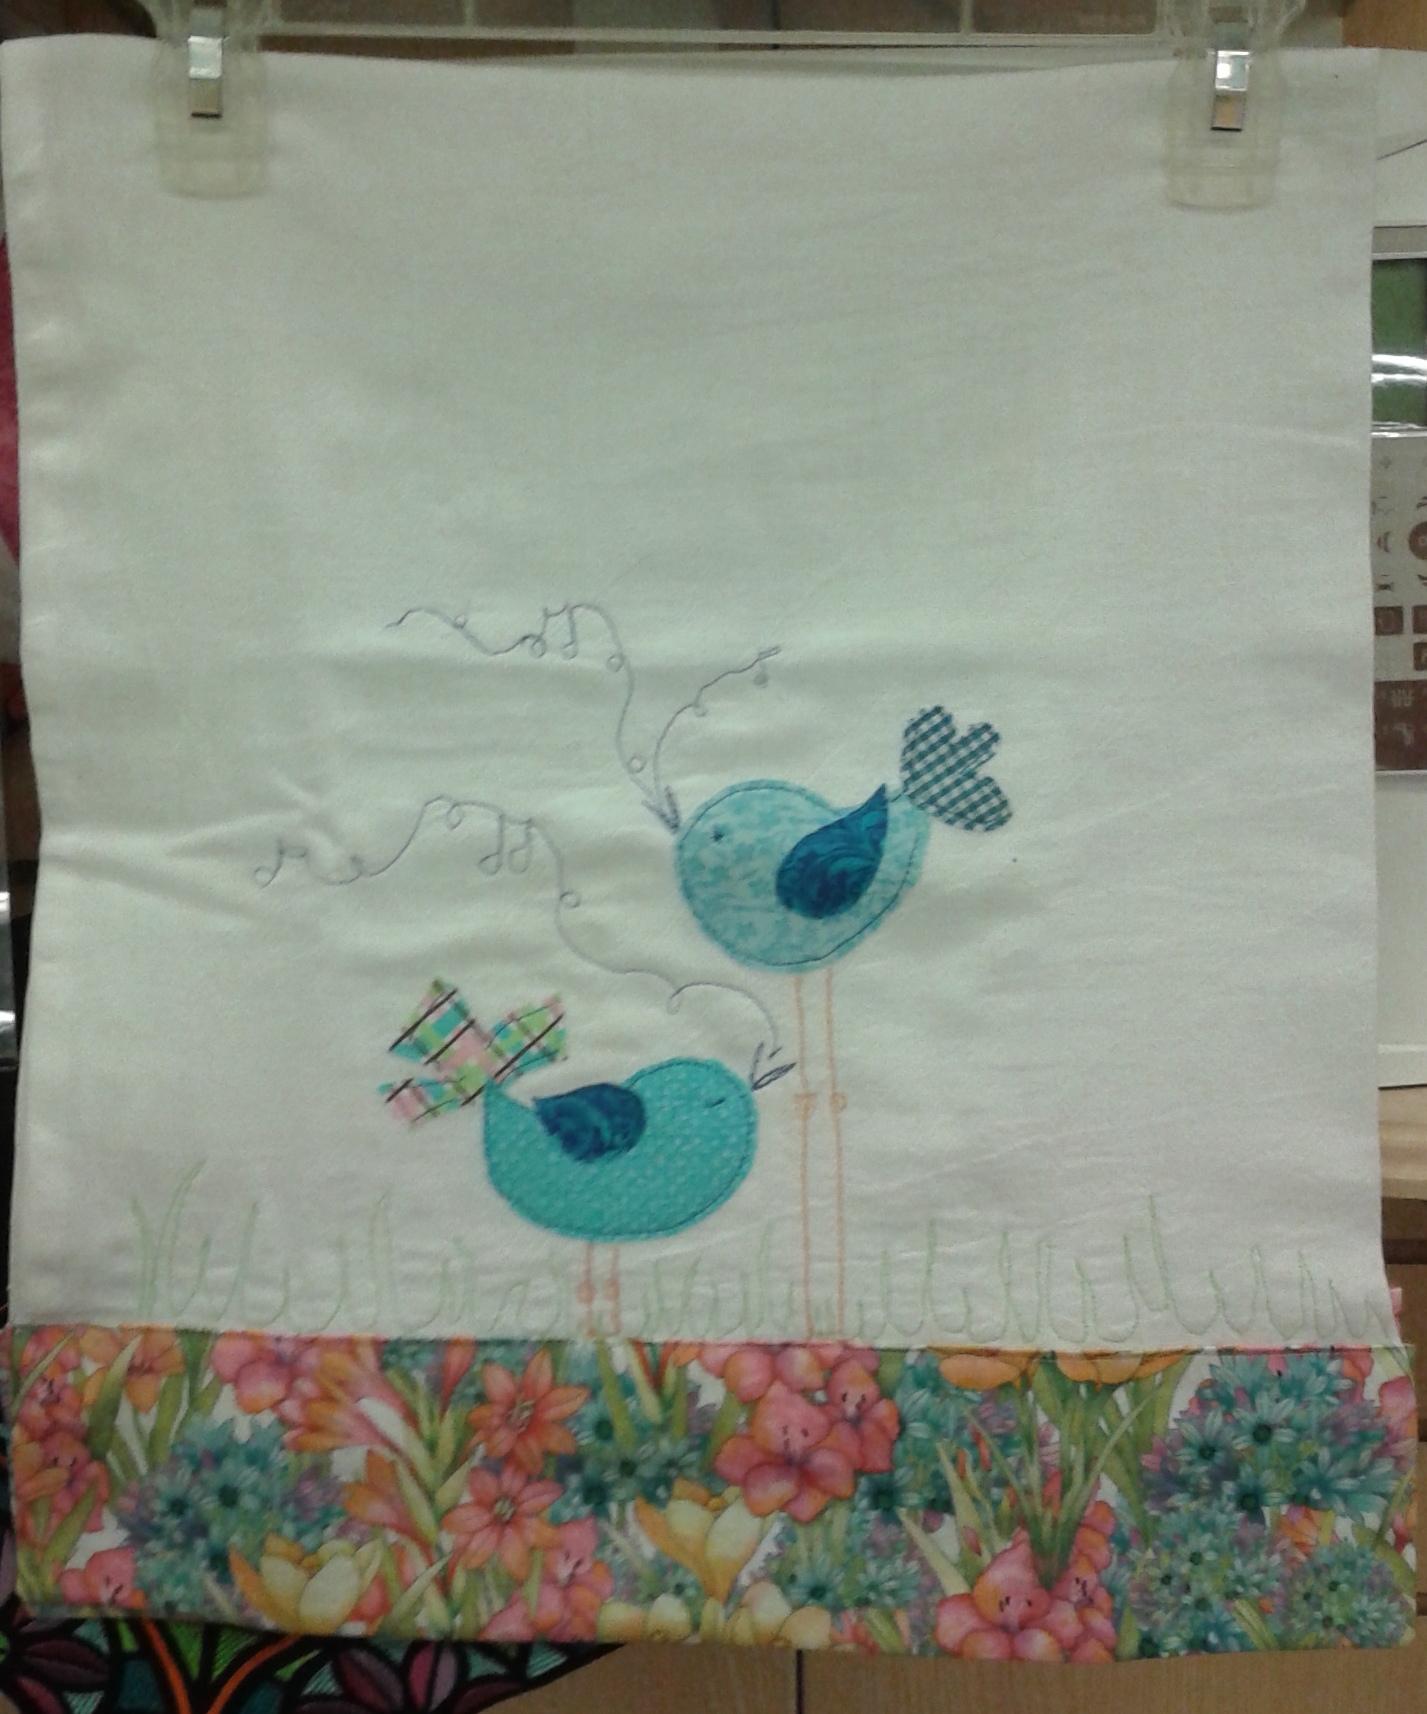 Let's Celebrate-Birdie Applique & Free Motion Towel